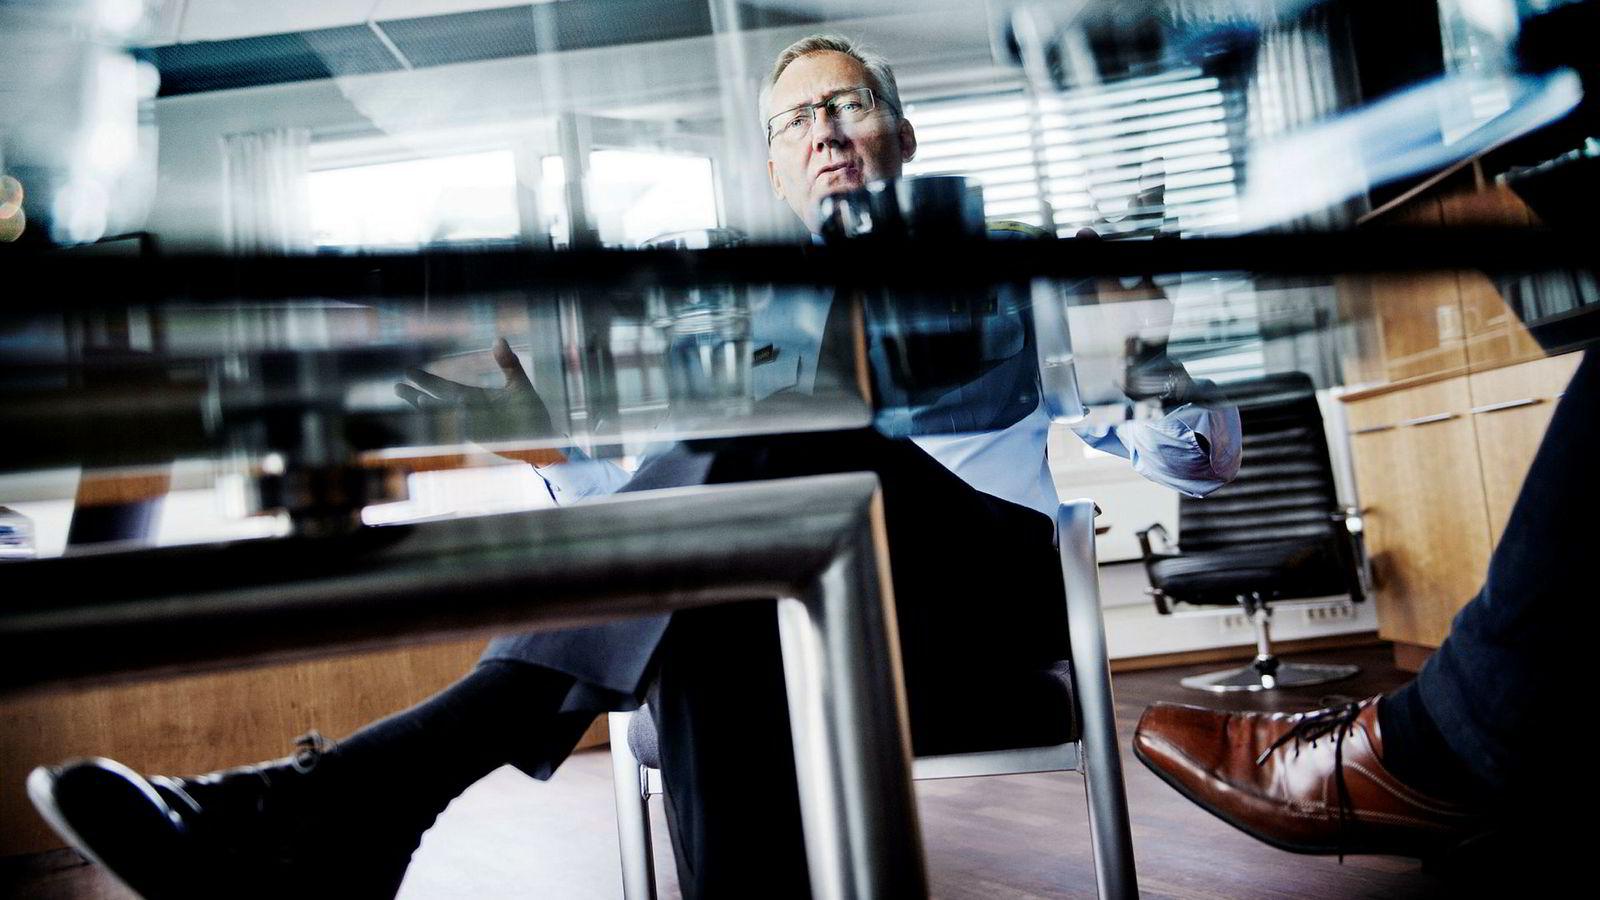 Politidirektør Odd Reidar Humlegård henvendte seg i mars til regjeringen angående stillingen til politimestere.